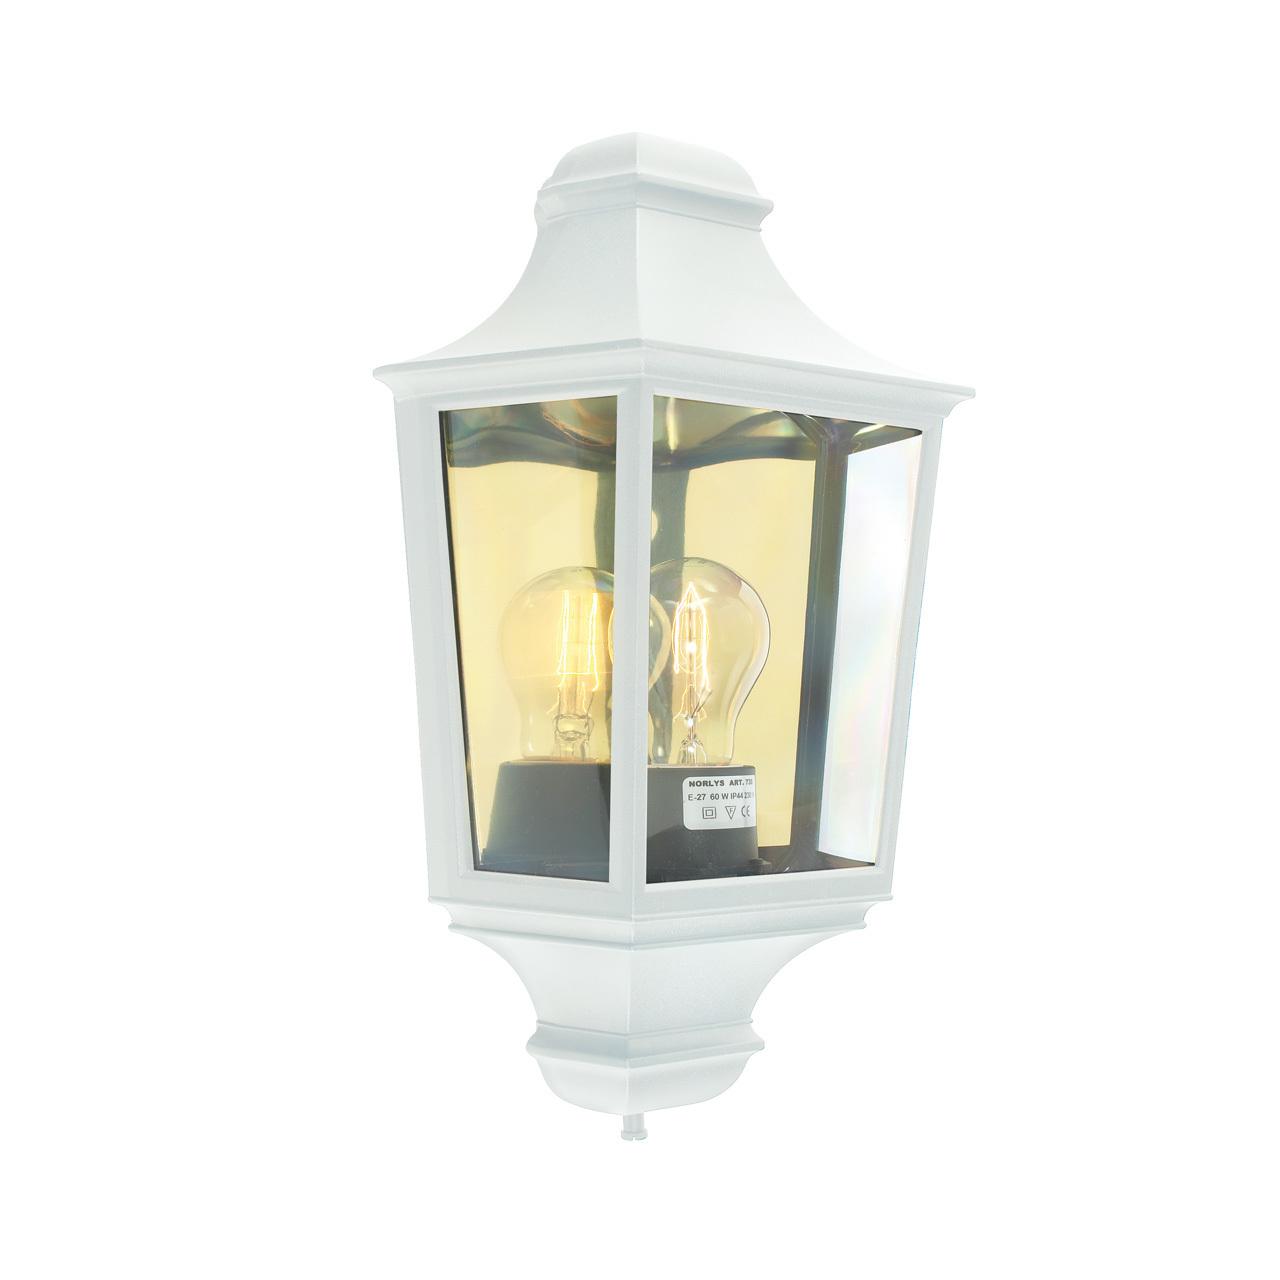 Lampa ścienna GLASGOW 730W -Norlys